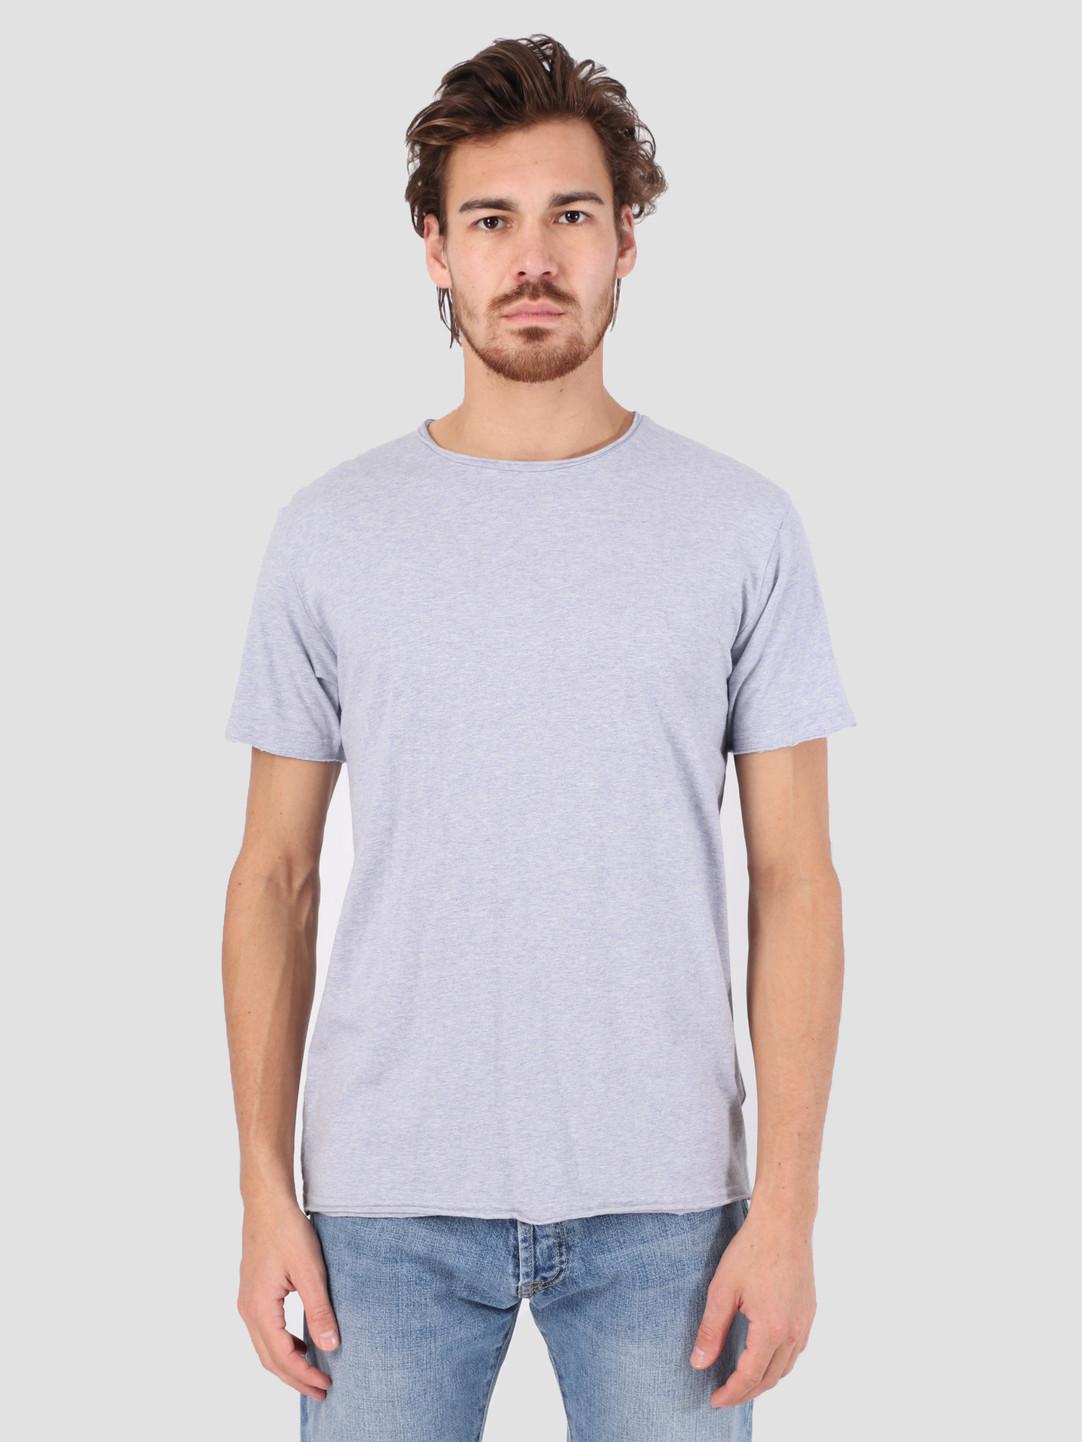 RVLT RVLT Rolled Edges T-Shirt Purple Melange 1003